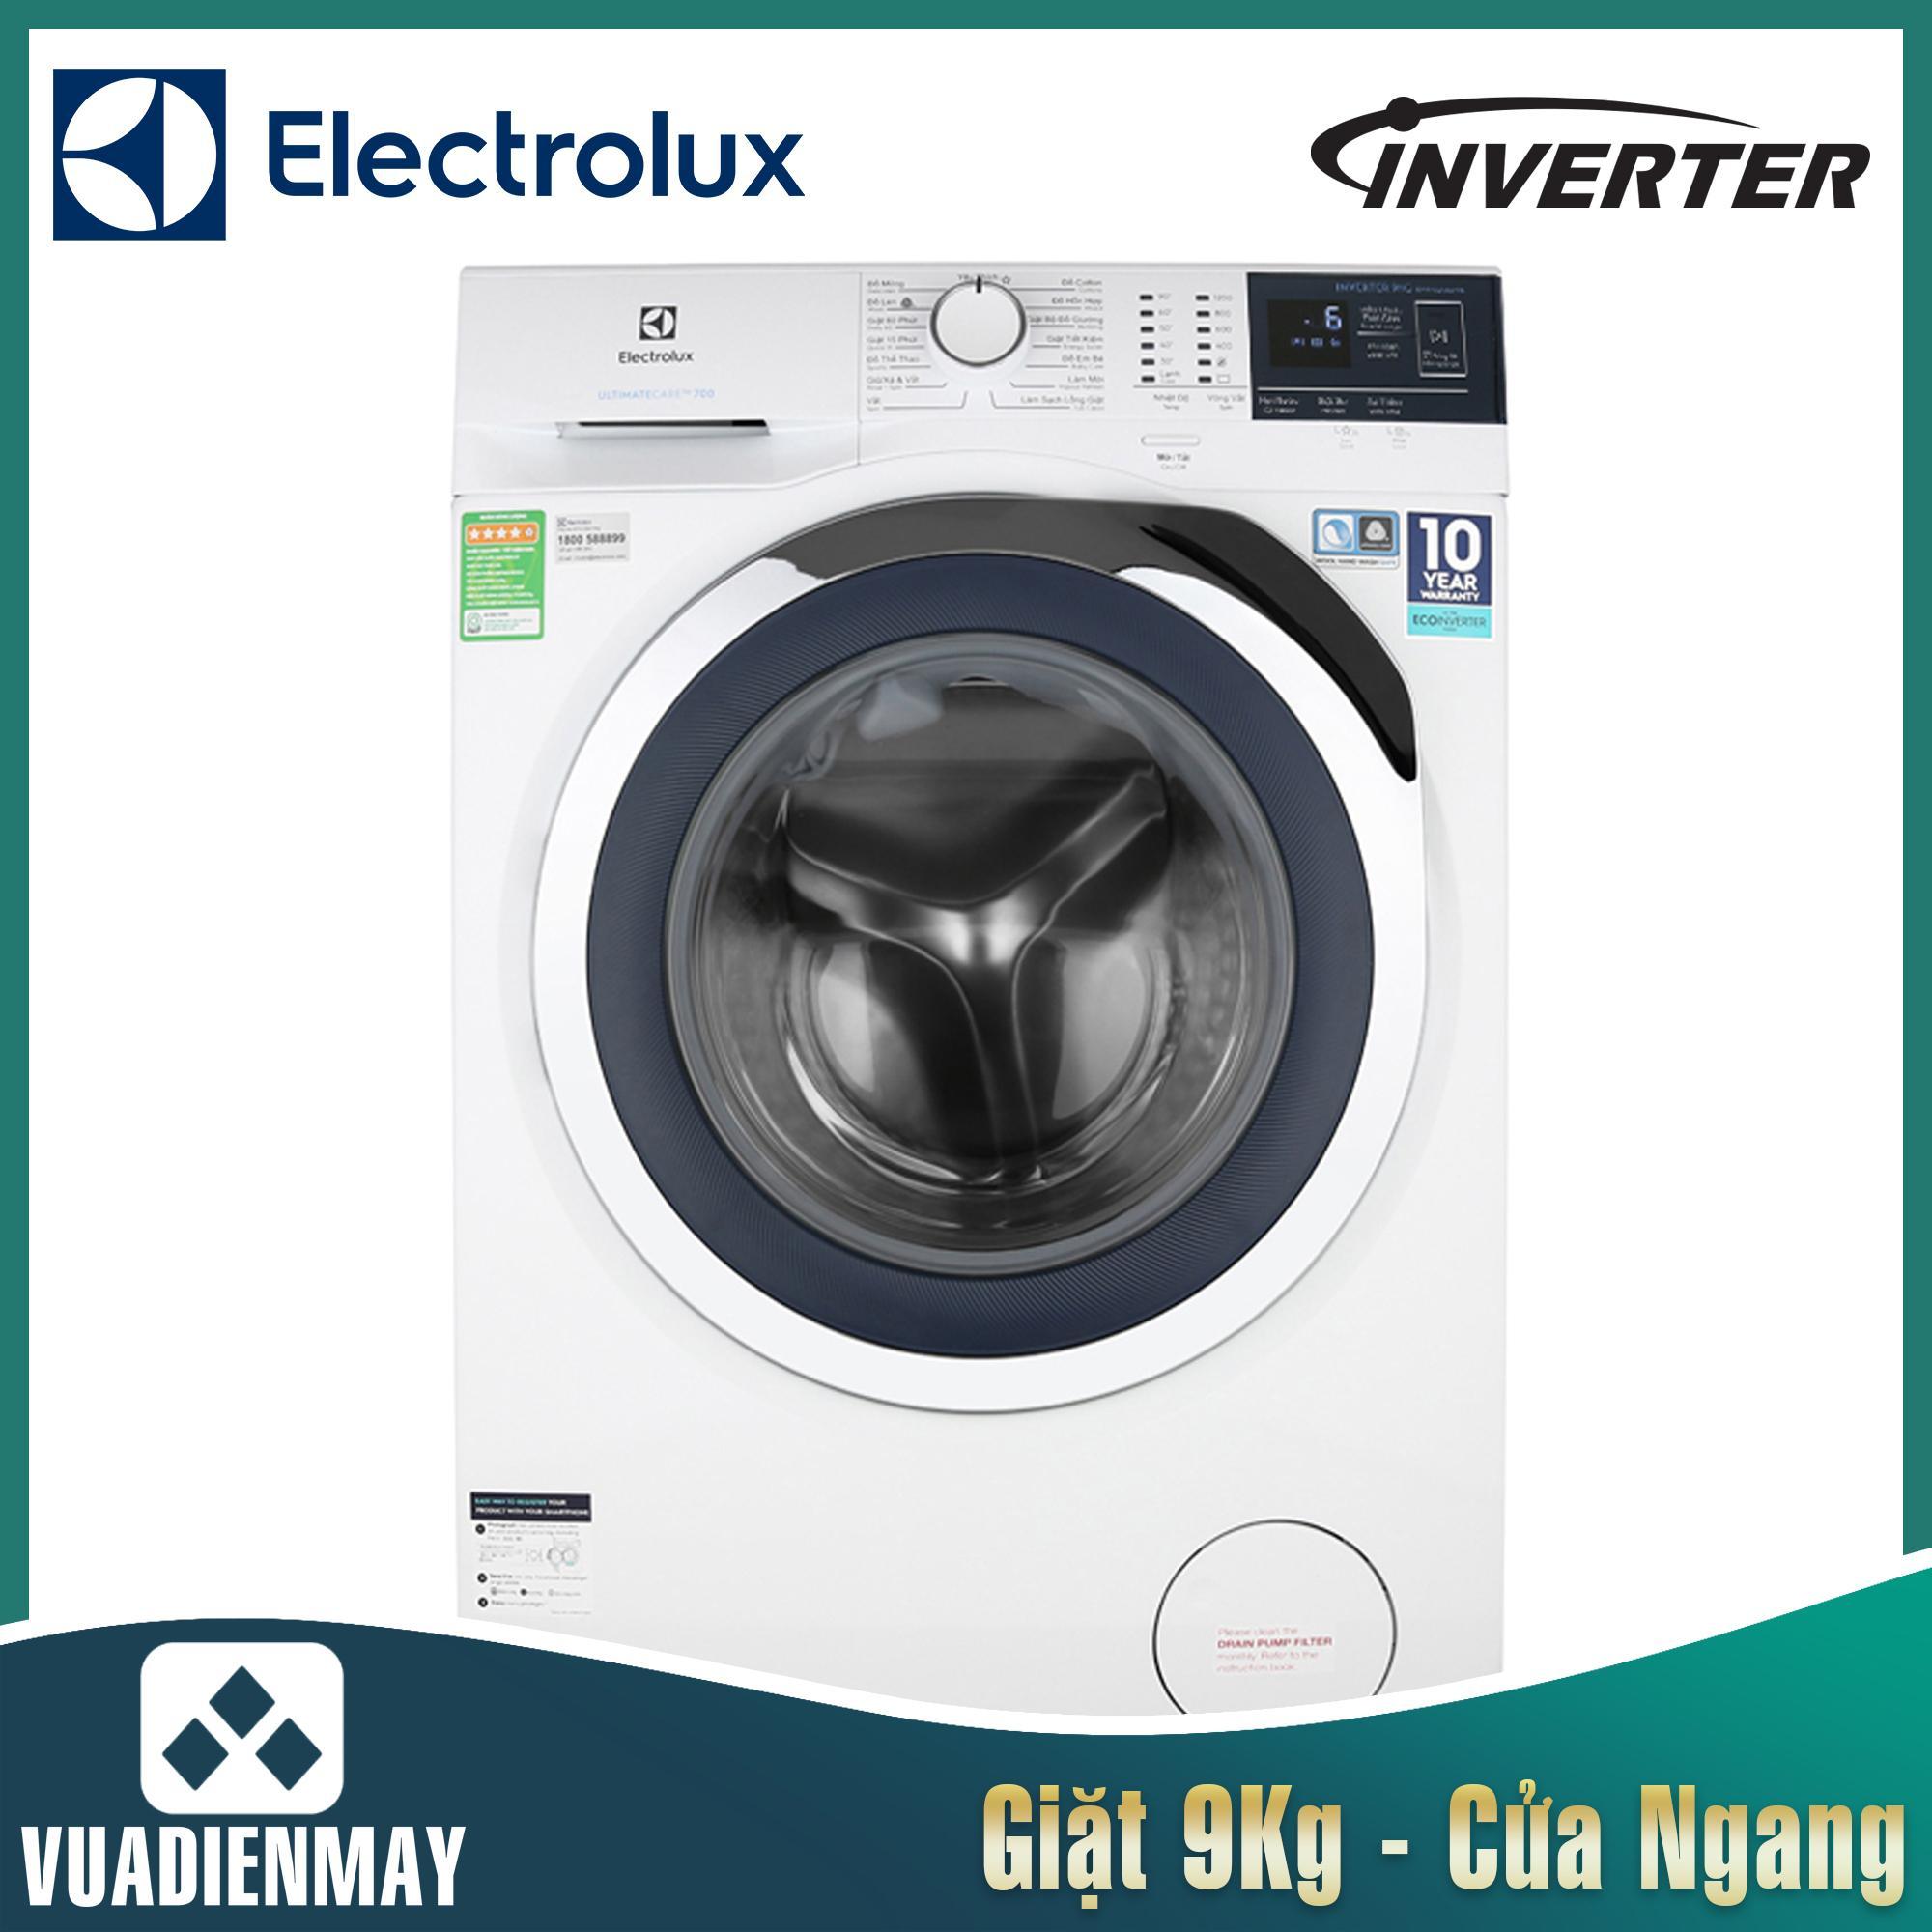 Máy giặt Electrolux 9 kg lồng ngang inverter 9024